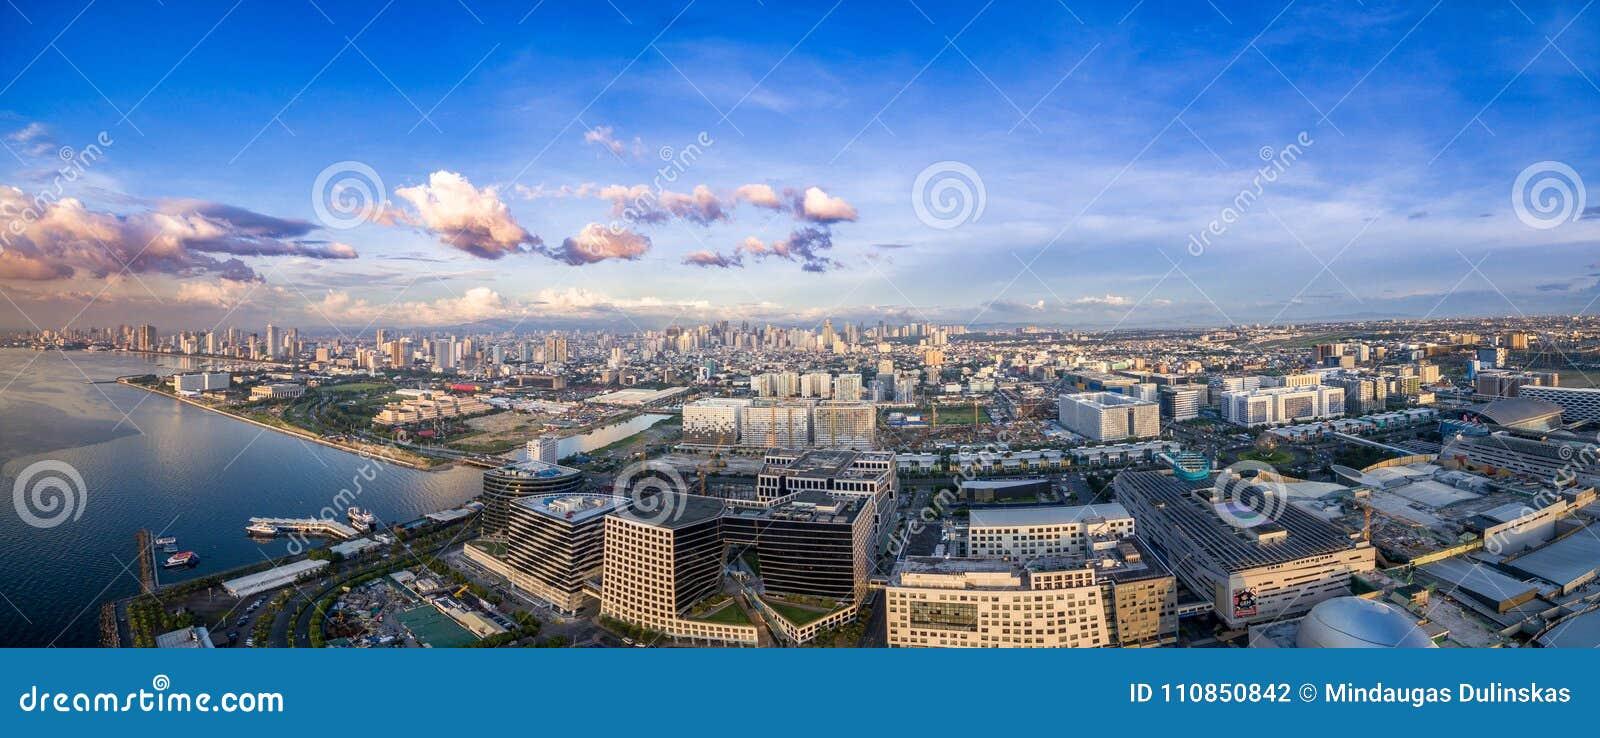 Cityscape van Manilla, Filippijnen Bay City, Pasay-Gebied Wolkenkrabbers op achtergrond Wandelgalerij van Azië in Voorgrond